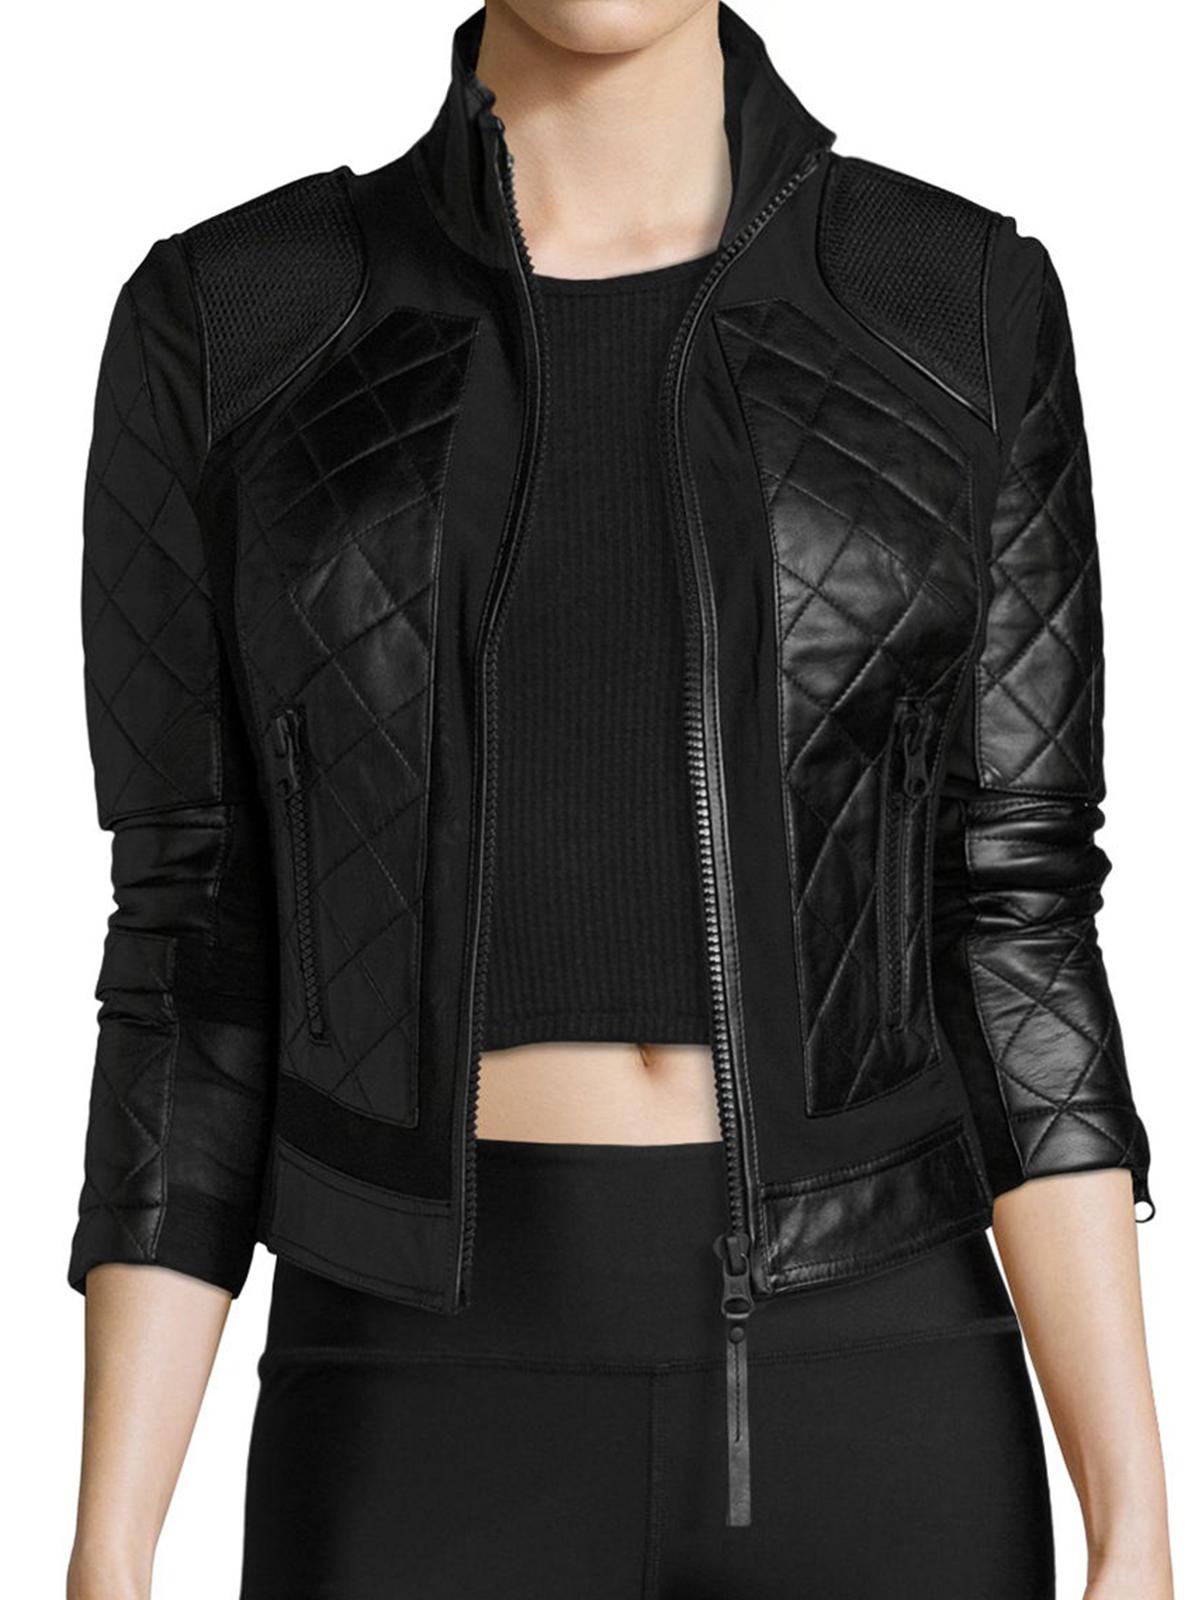 Black Bomber Leather Jacket - MauveTree